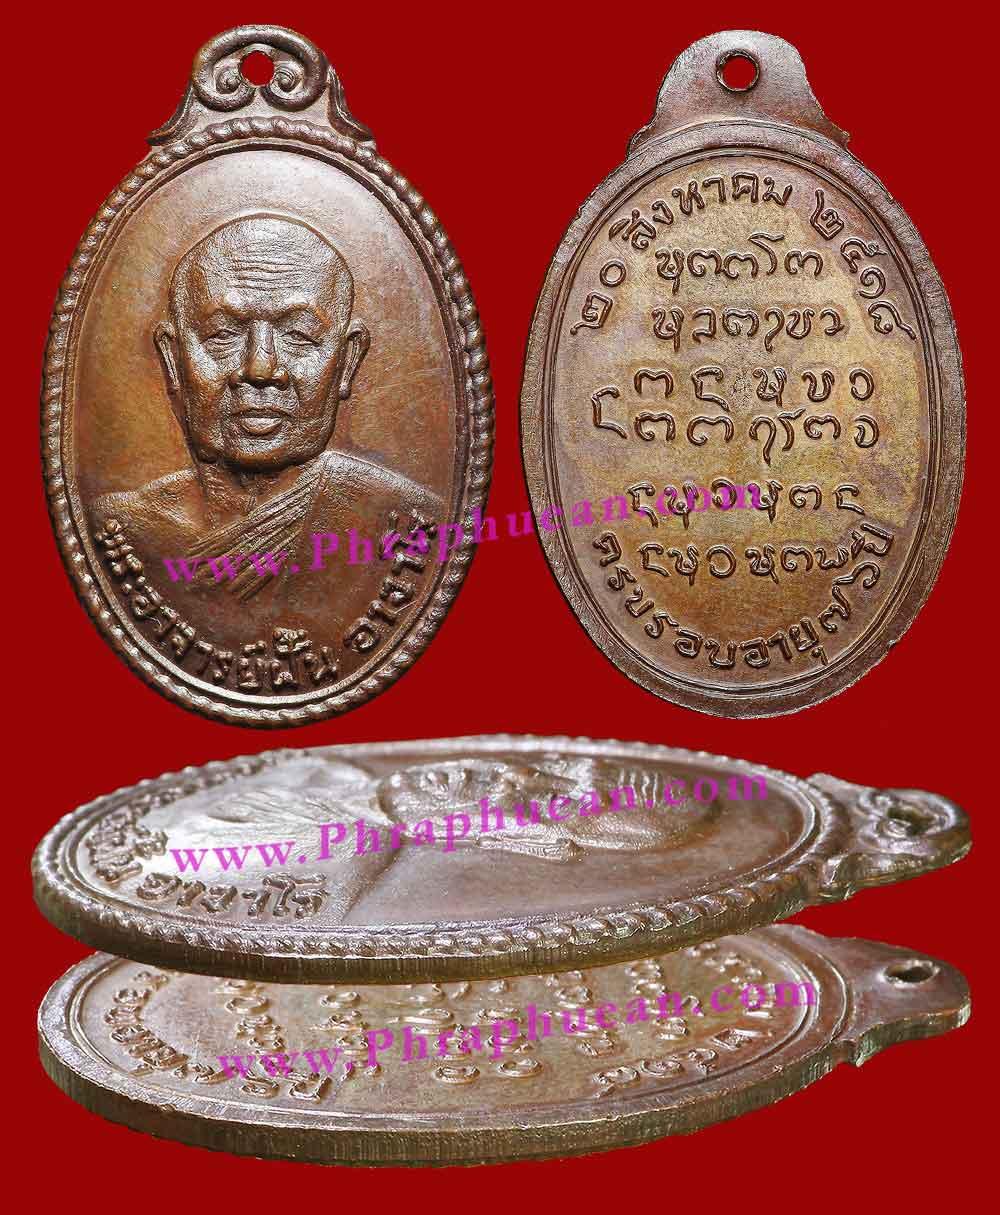 อาจารย์ ฝั้น อาจาโร รุ่น82 เนื้อทองแดง